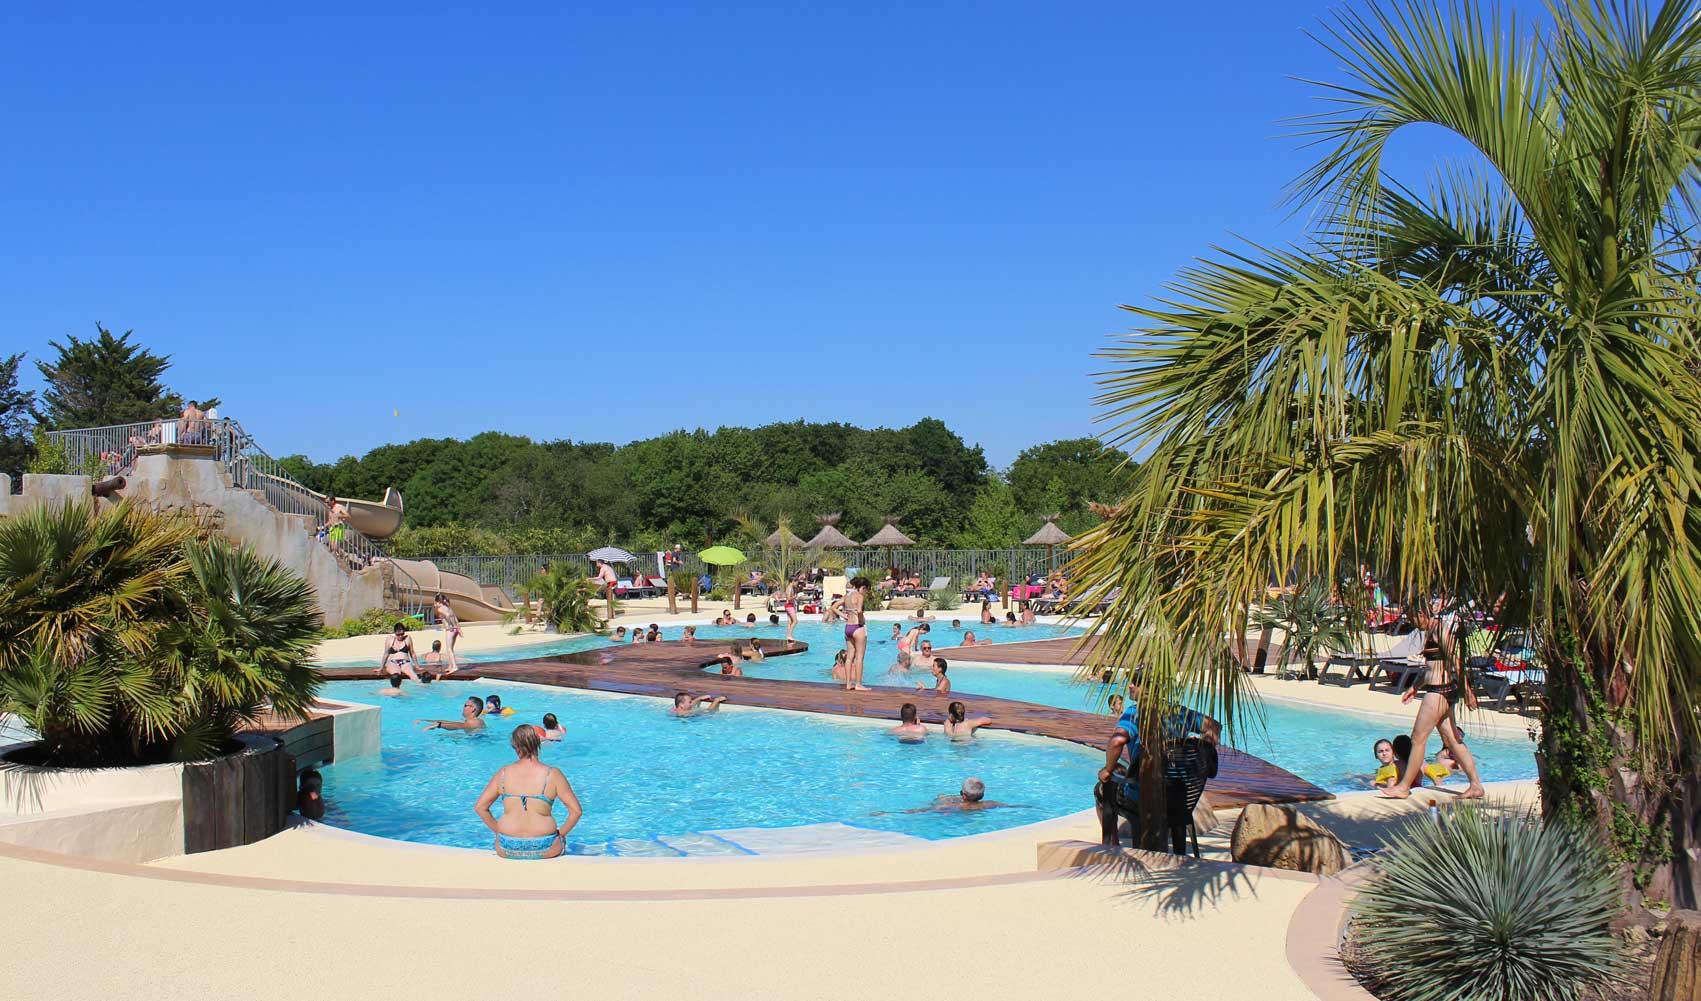 Camping Pays Basque Avec Parc Aquatique À Hendaye | Camping ... destiné Camping Hendaye Avec Piscine